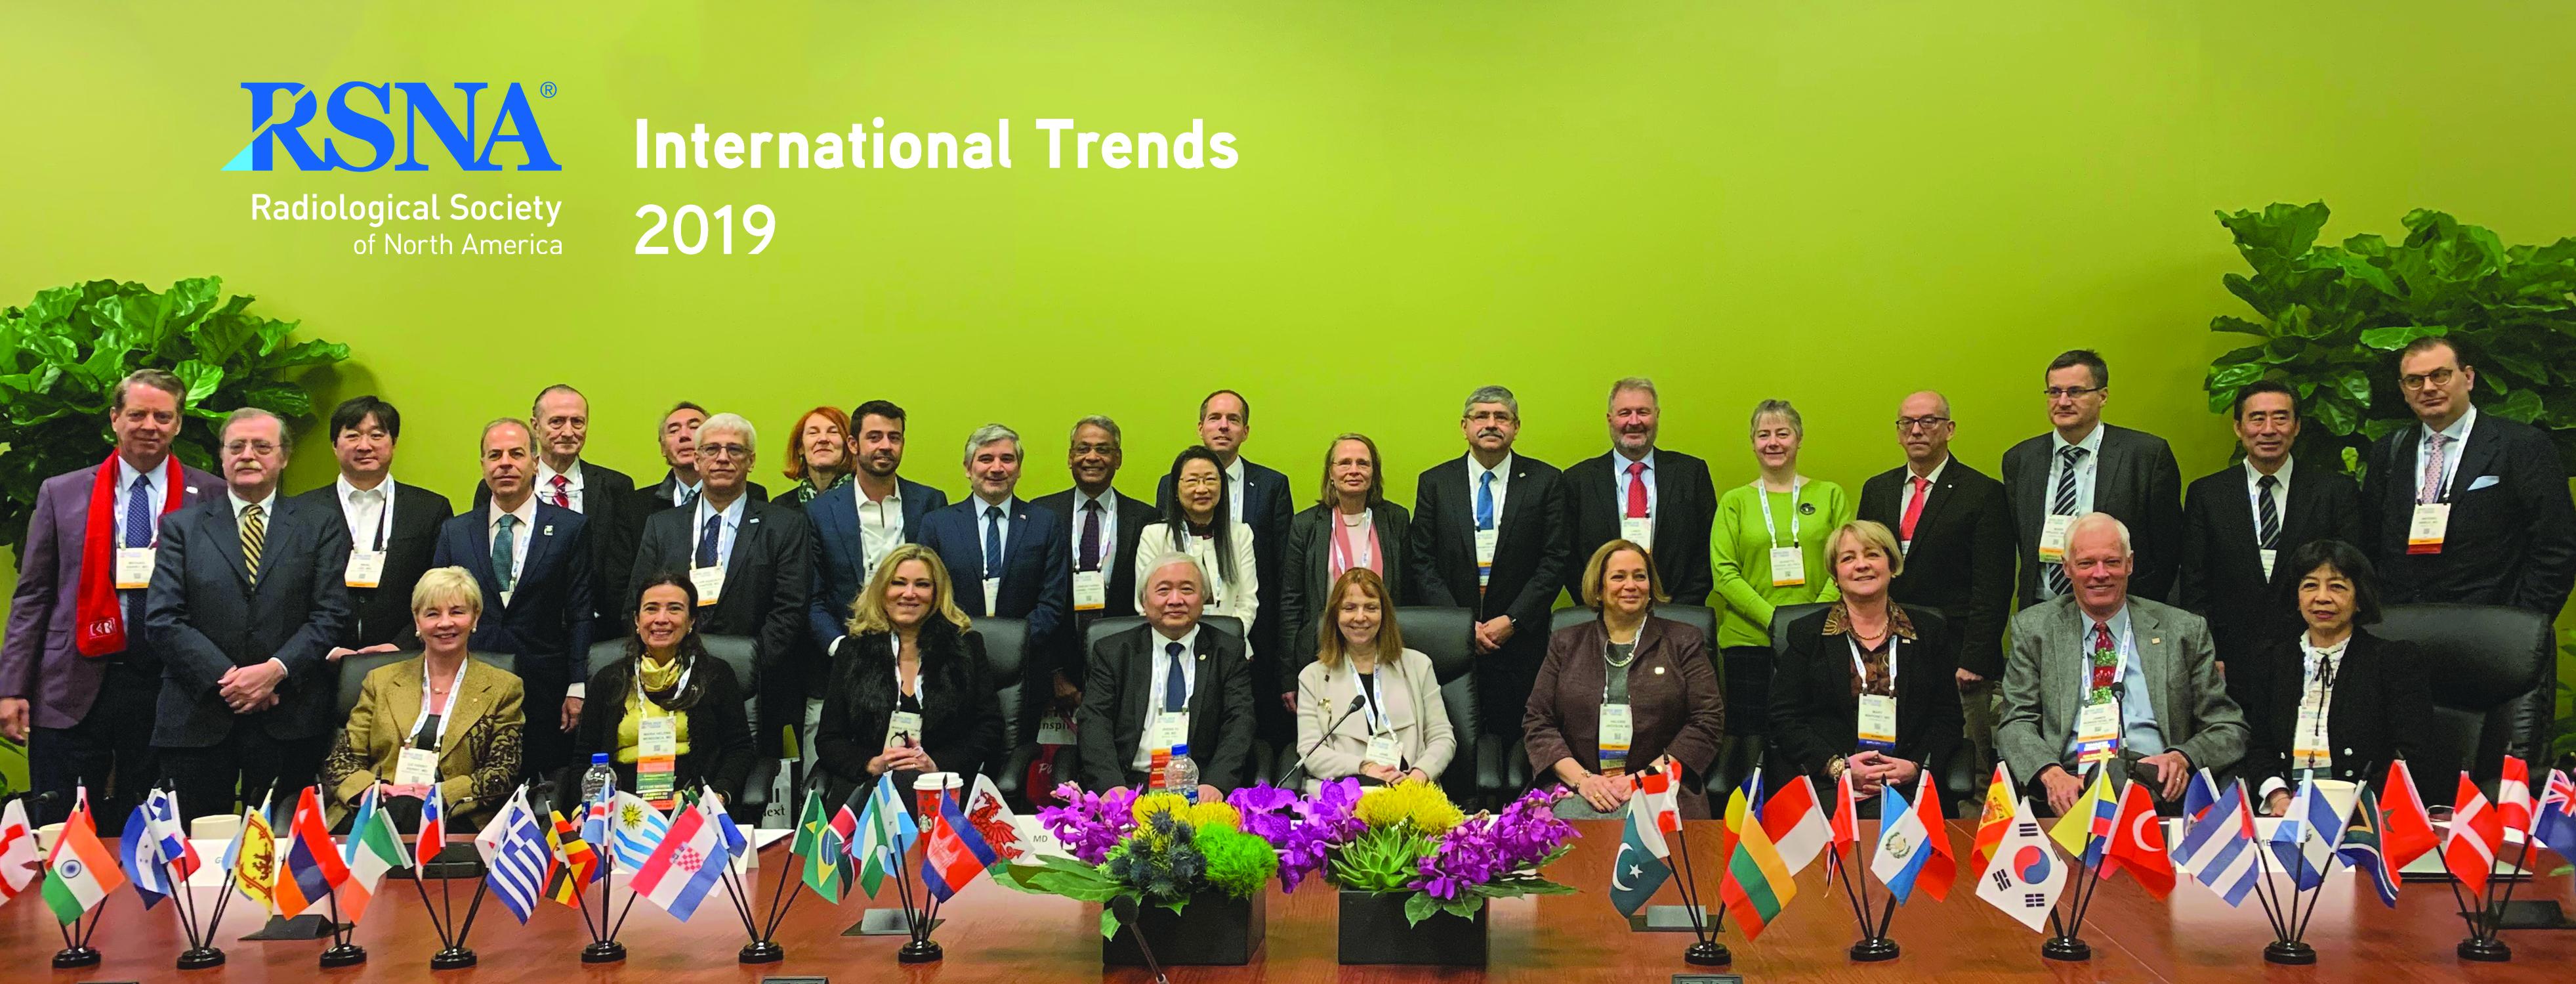 RSNA 2019 International Trends Meeting